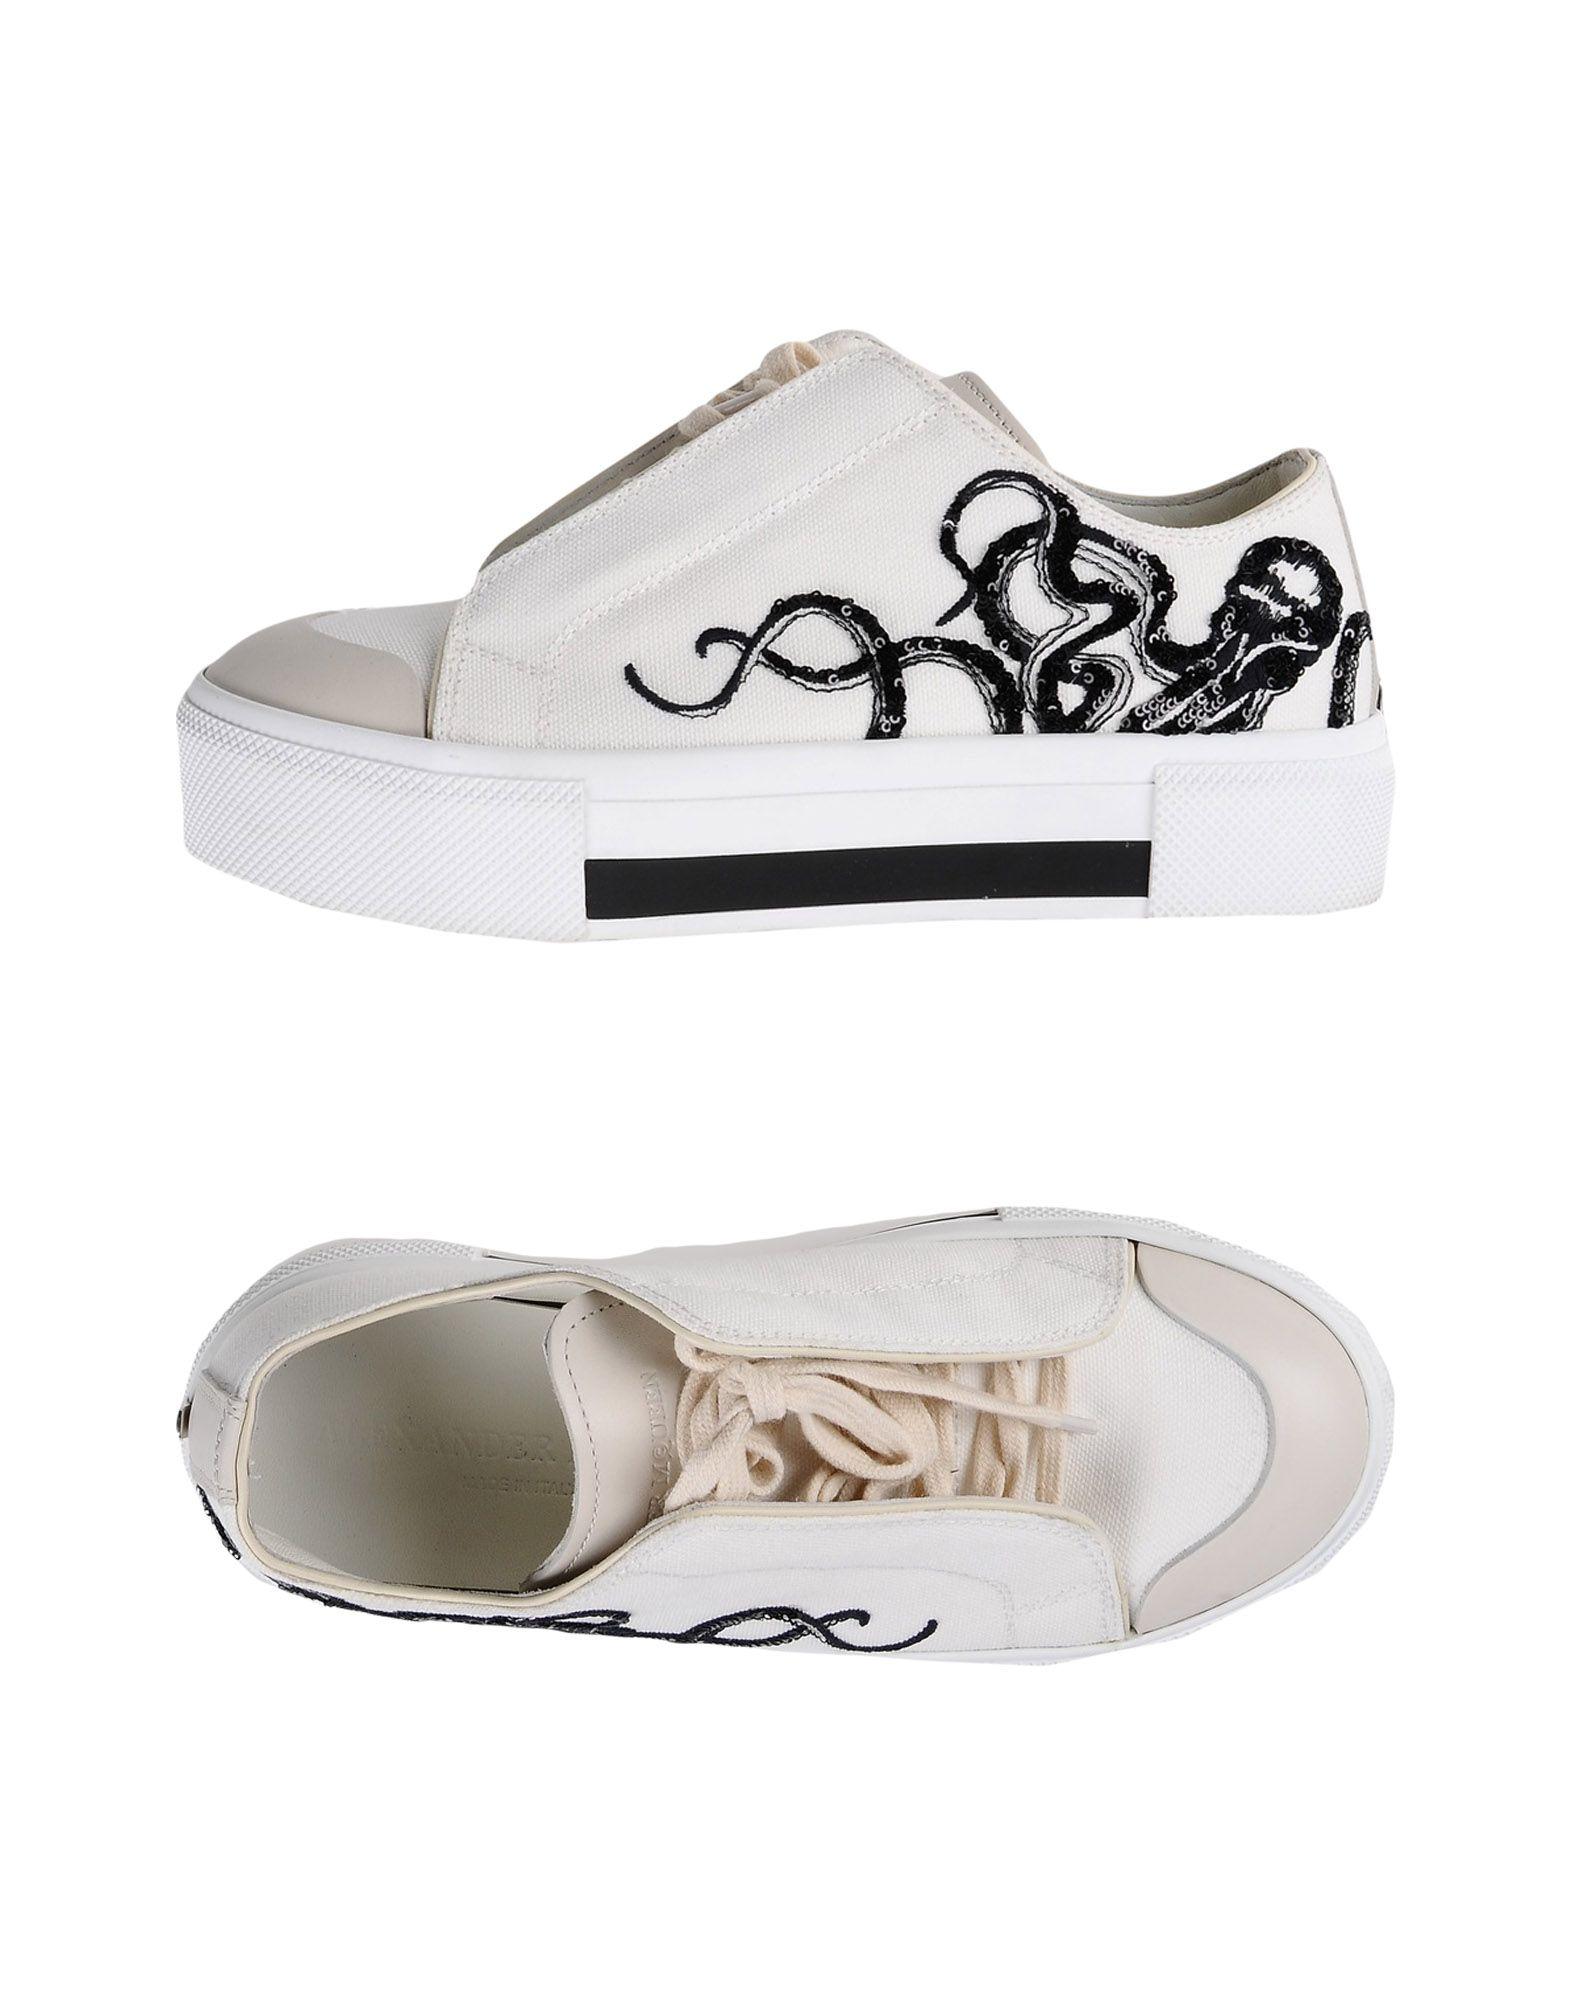 Alexander Mcqueen Sneakers - Women Alexander Mcqueen Sneakers - online on  Canada - Sneakers 11425992TR ae81e6